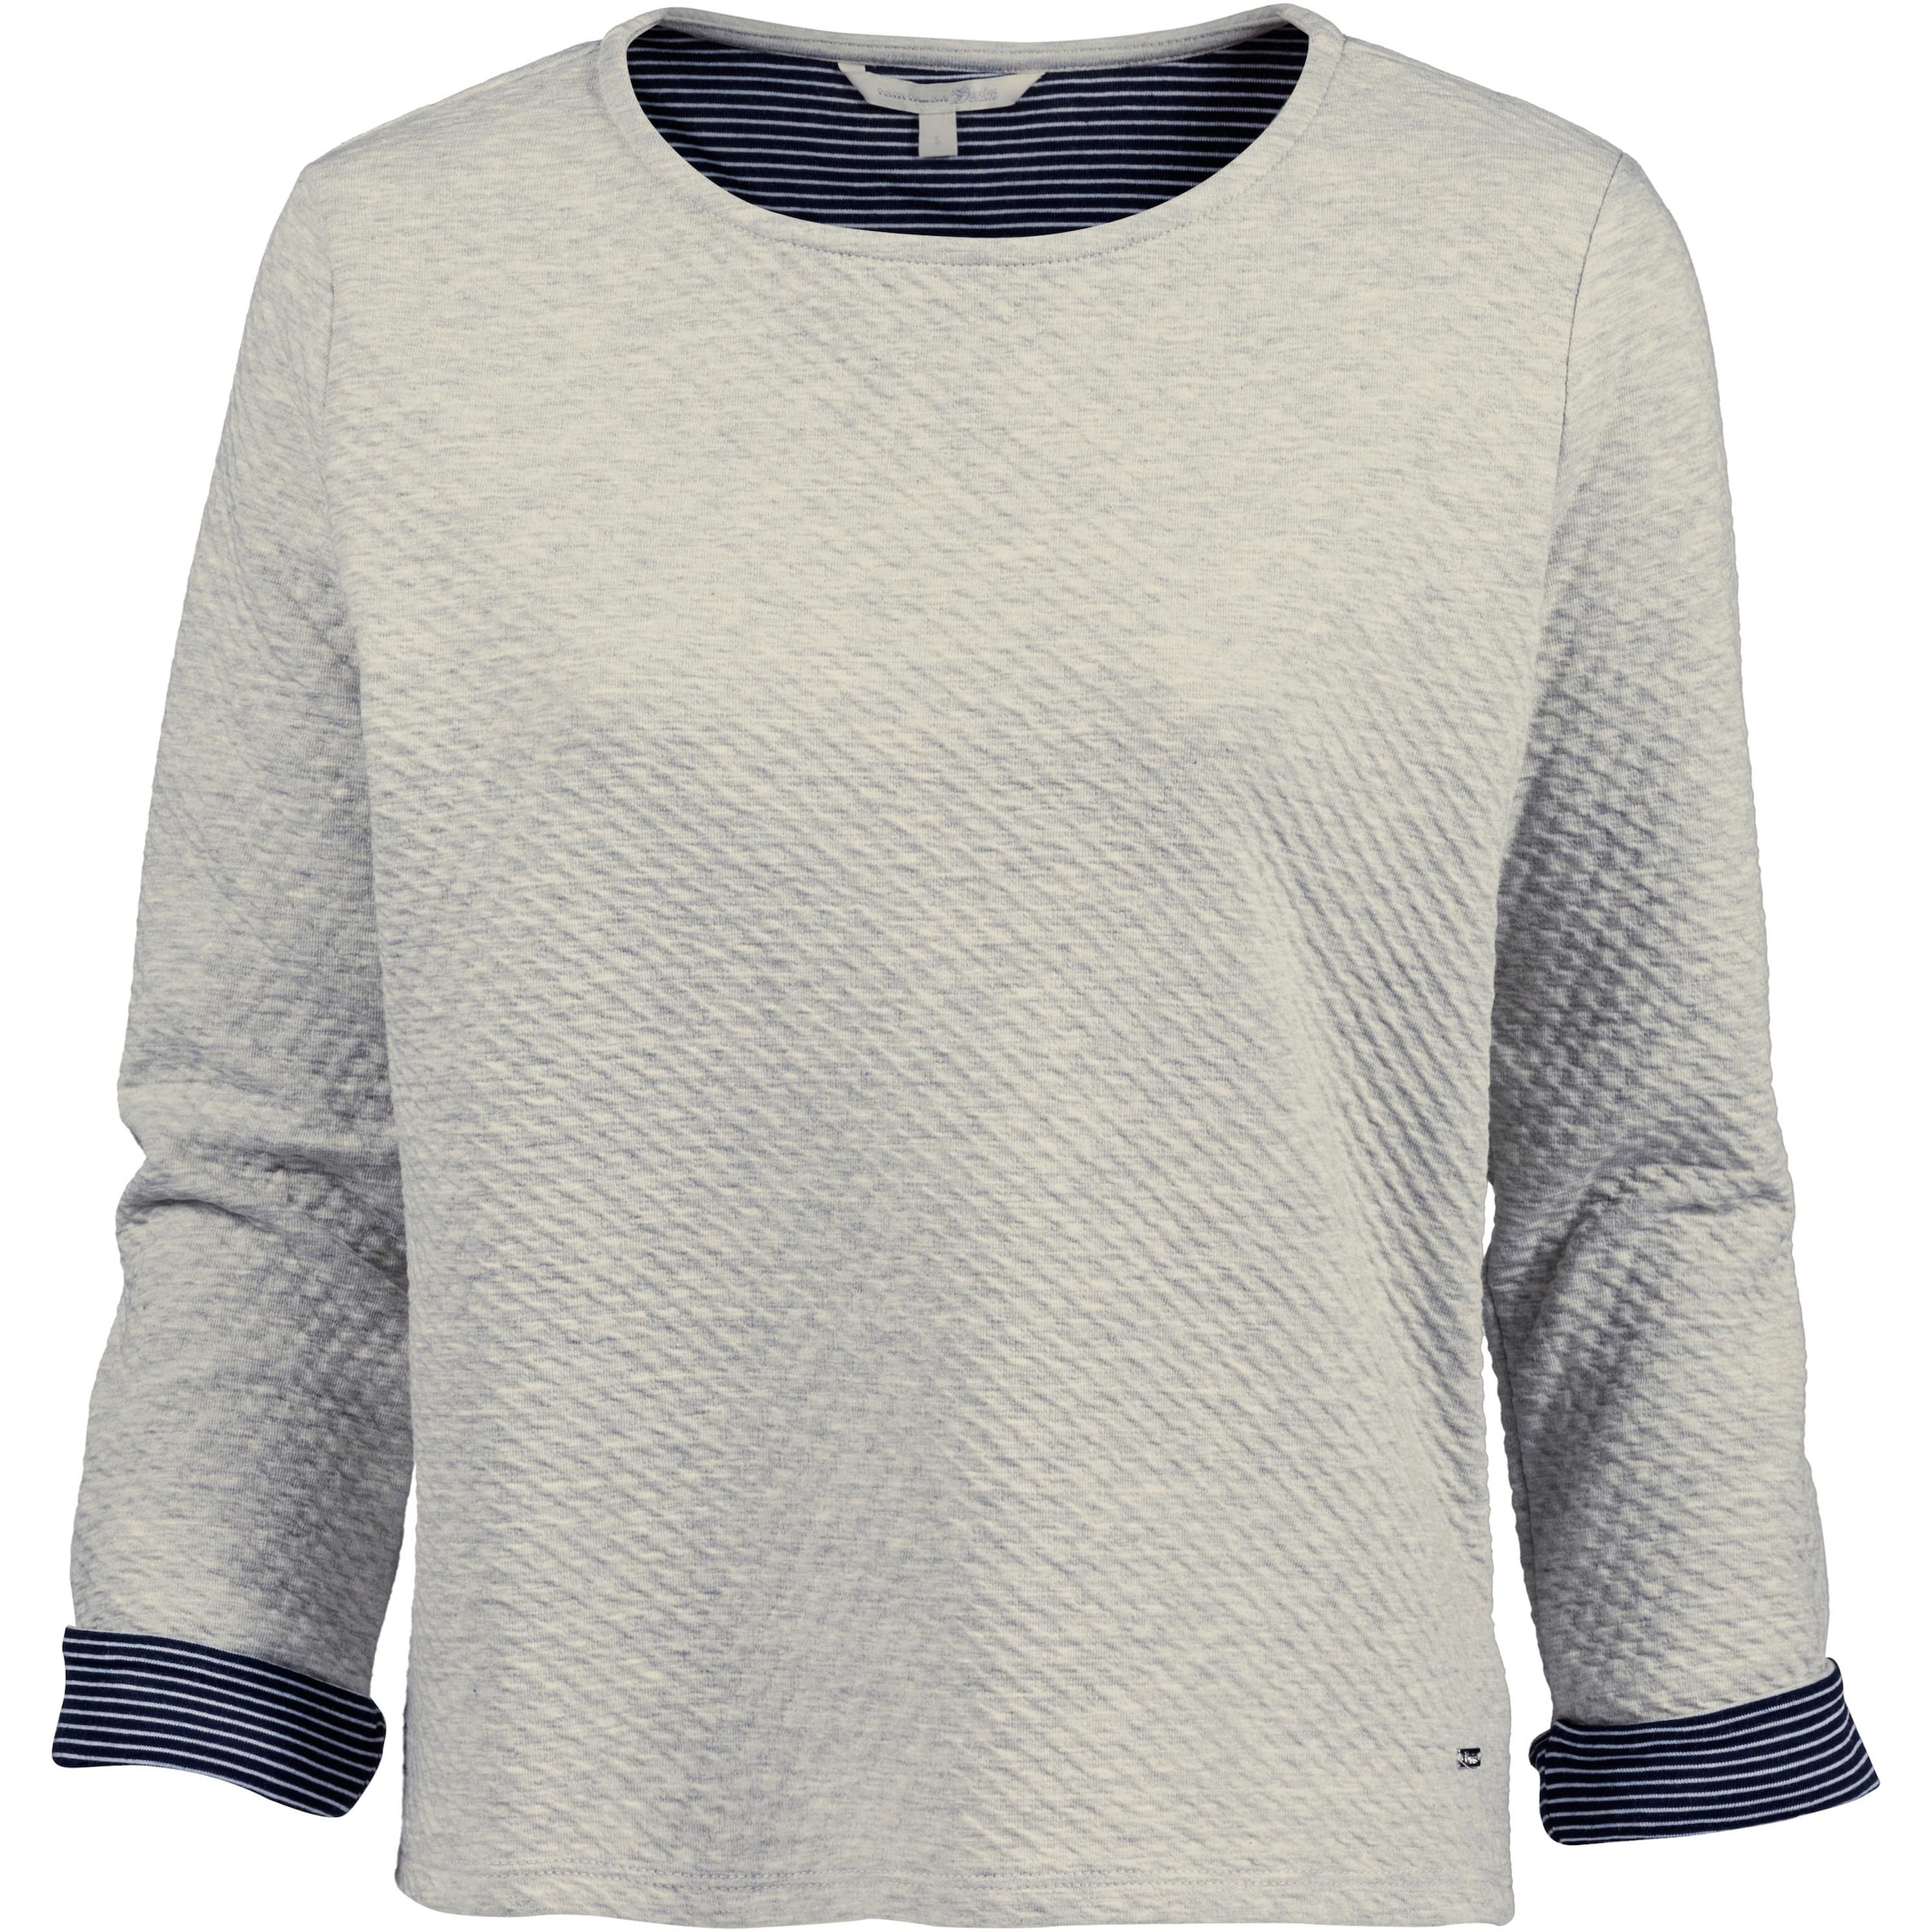 TOM TAILOR Sweatshirt Damen Billig Geniue Händler Gute Qualität Offiziell Spielraum Vorbestellung Neu Zu Verkaufen NqXK2BRR